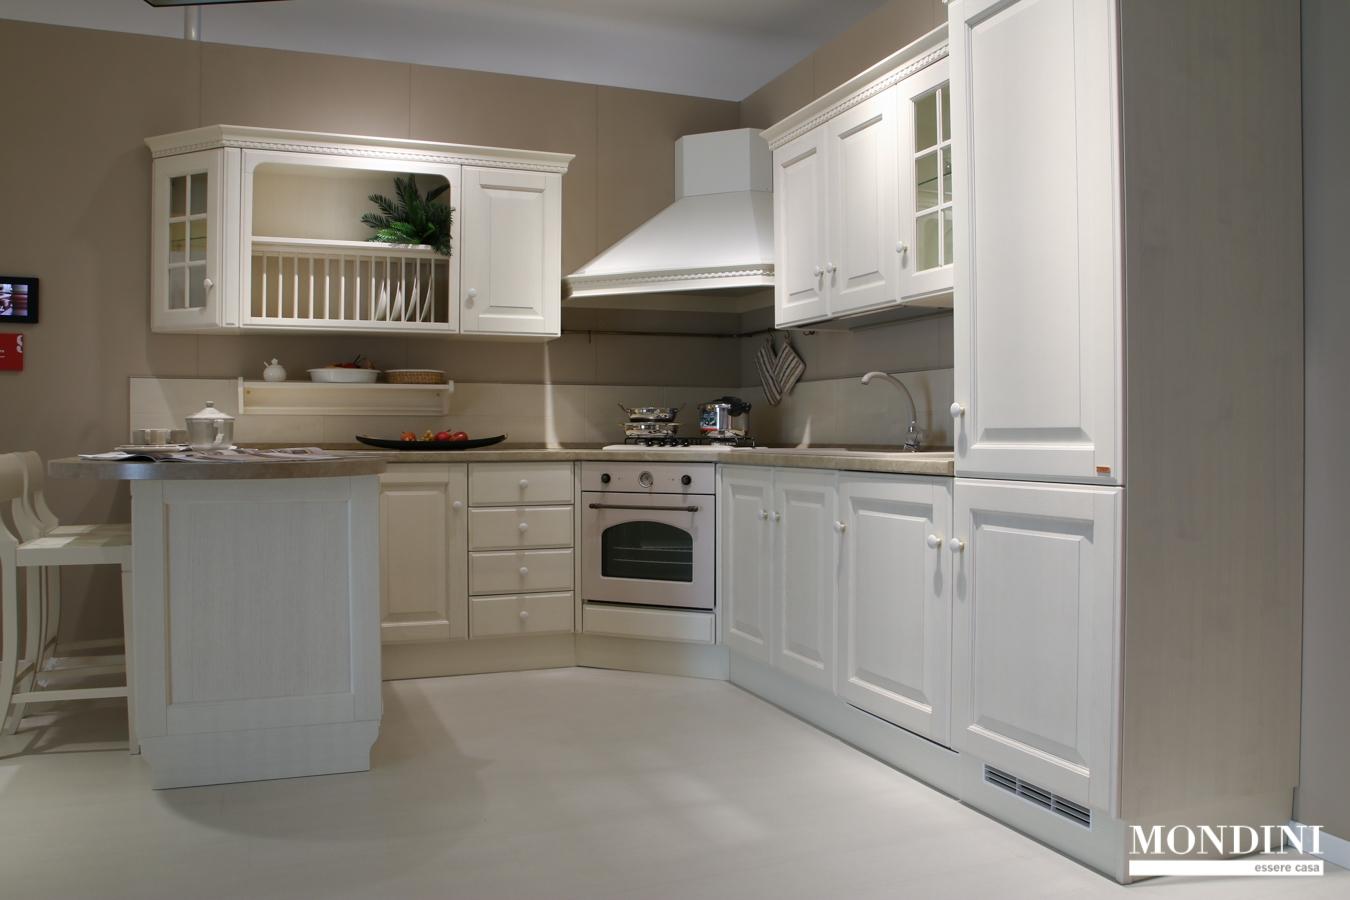 Ikea camere da letto per ragazzi - Isola cucina dimensioni minime ...